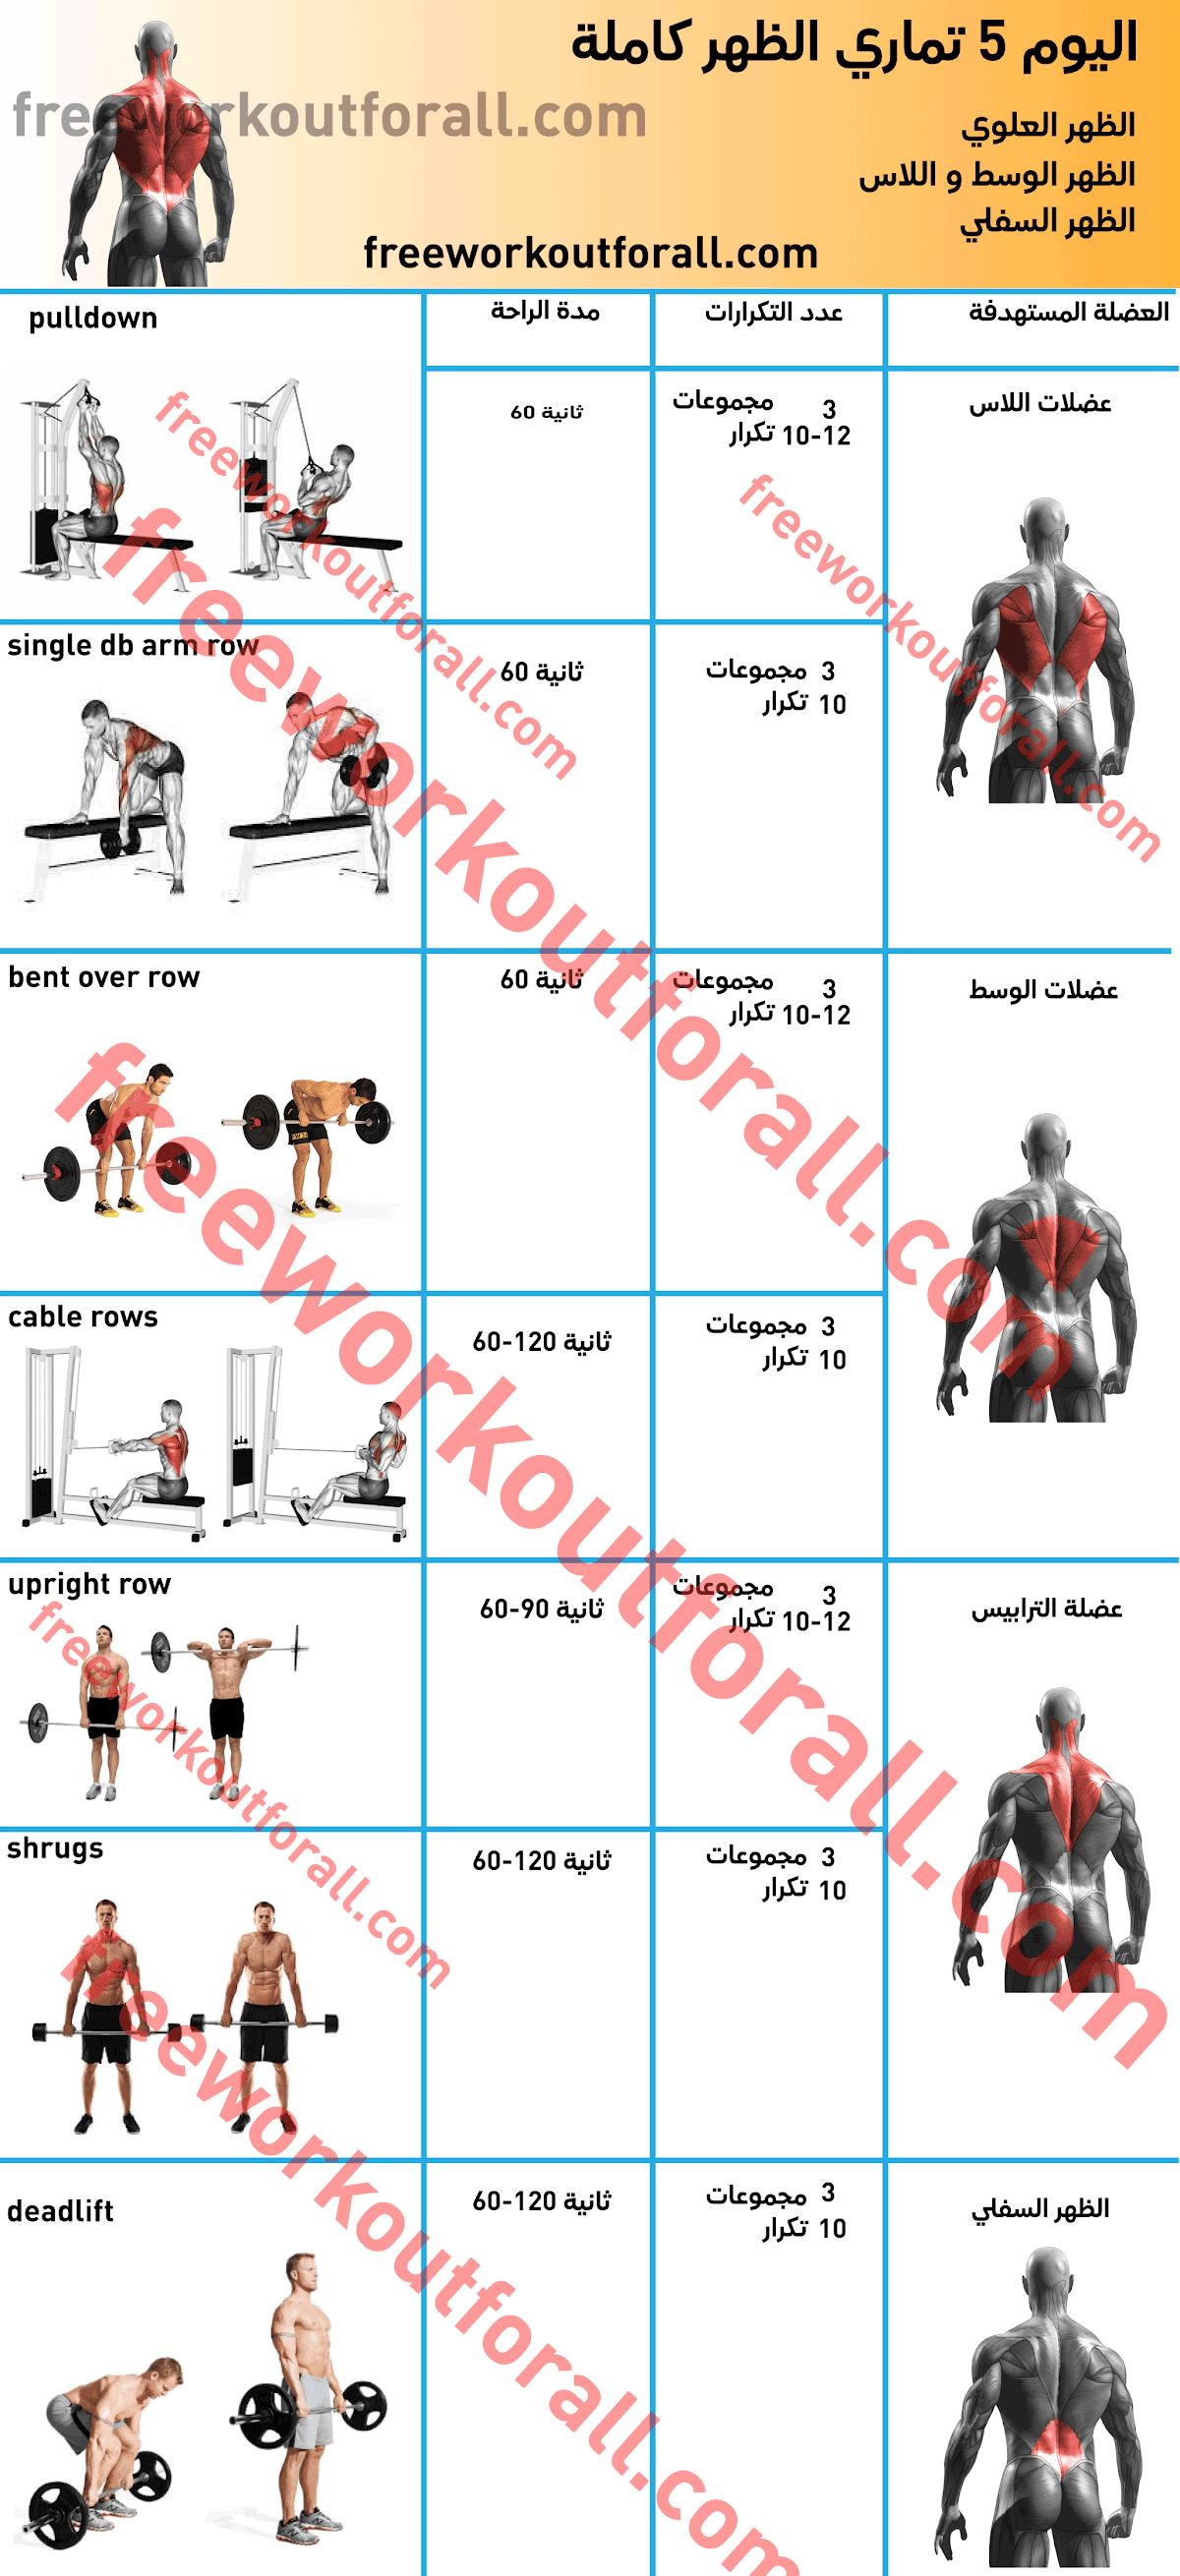 جدول تمارين كمال اجسام 5 ايام